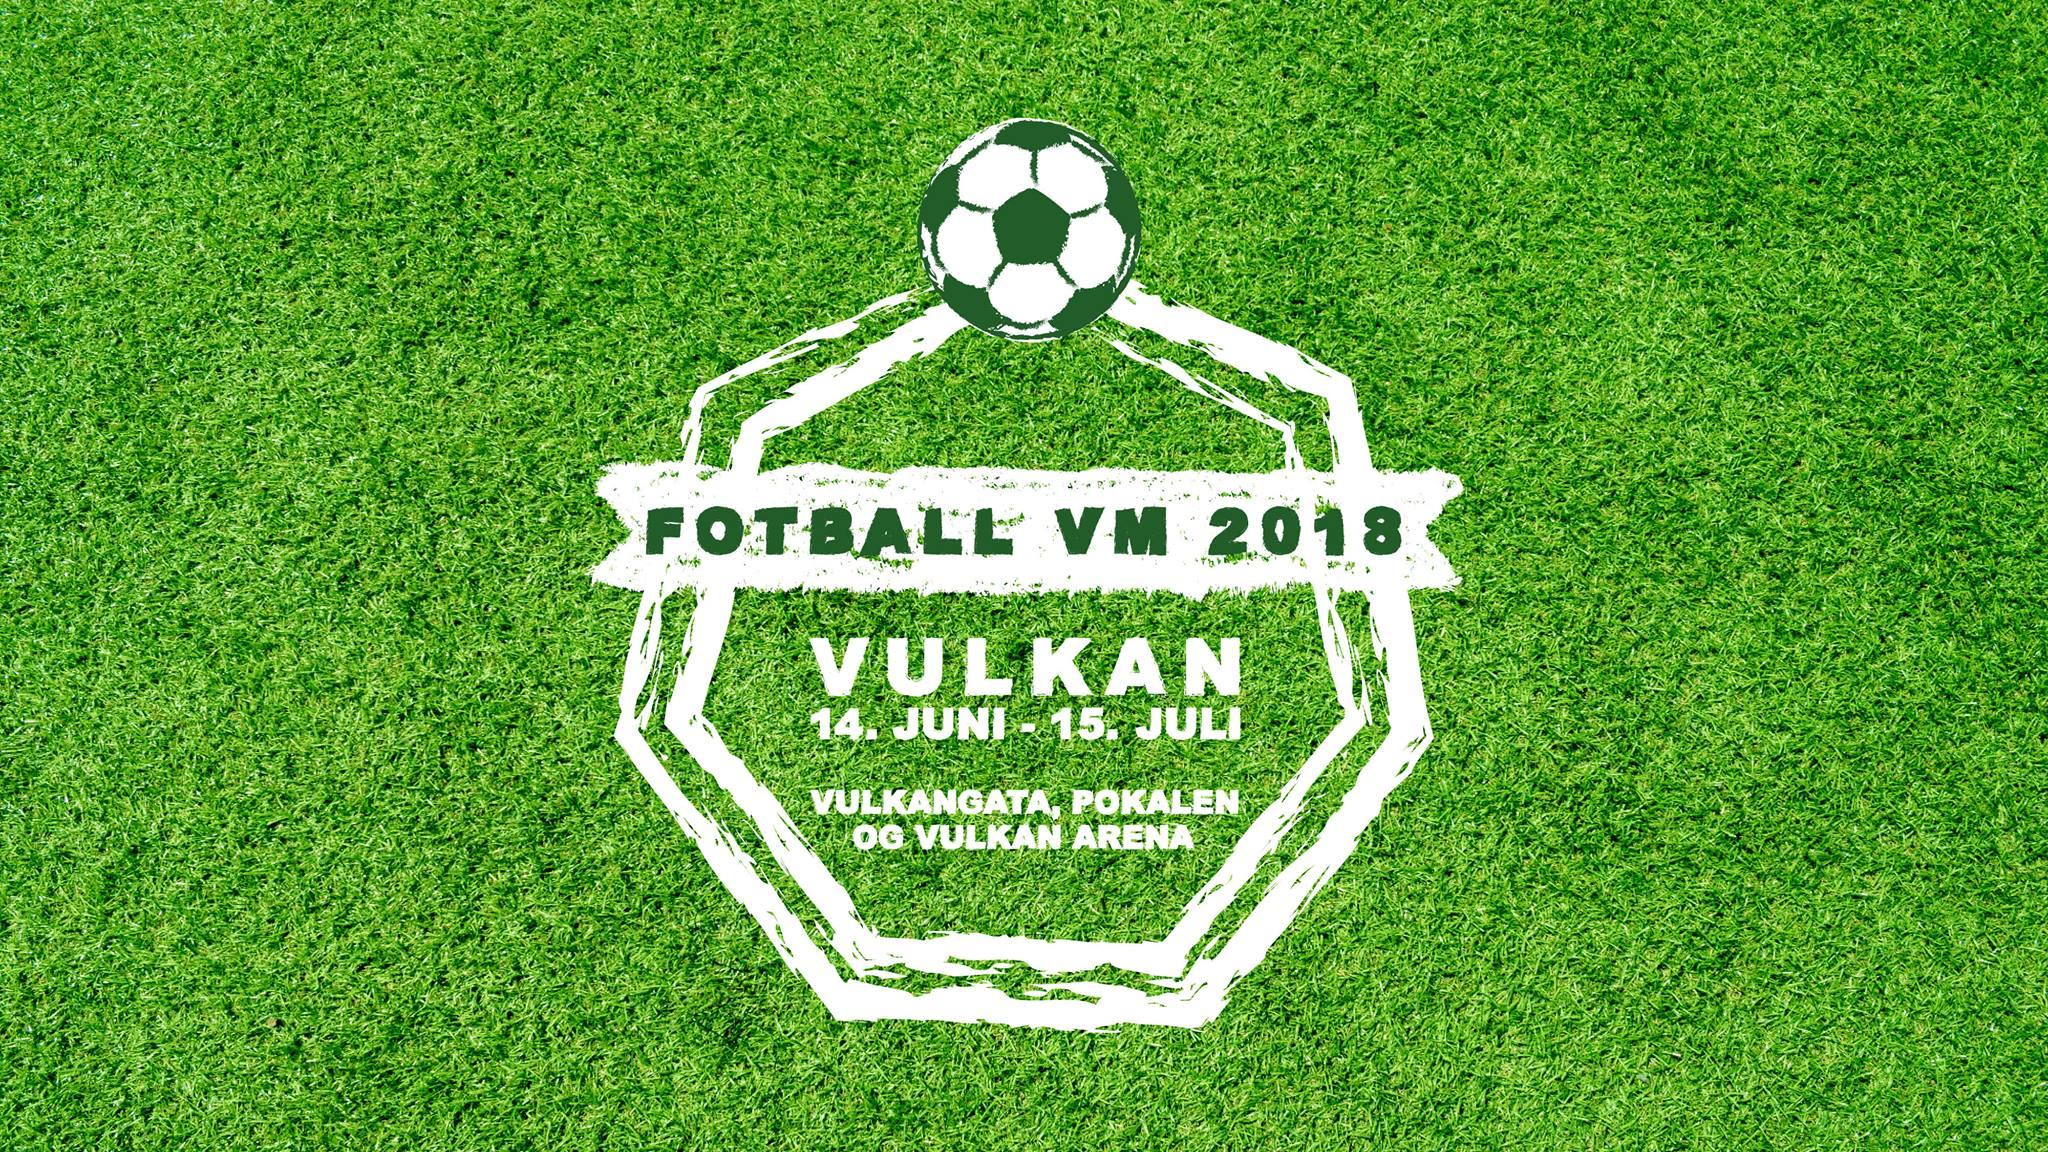 FOTBALL-VM 2018